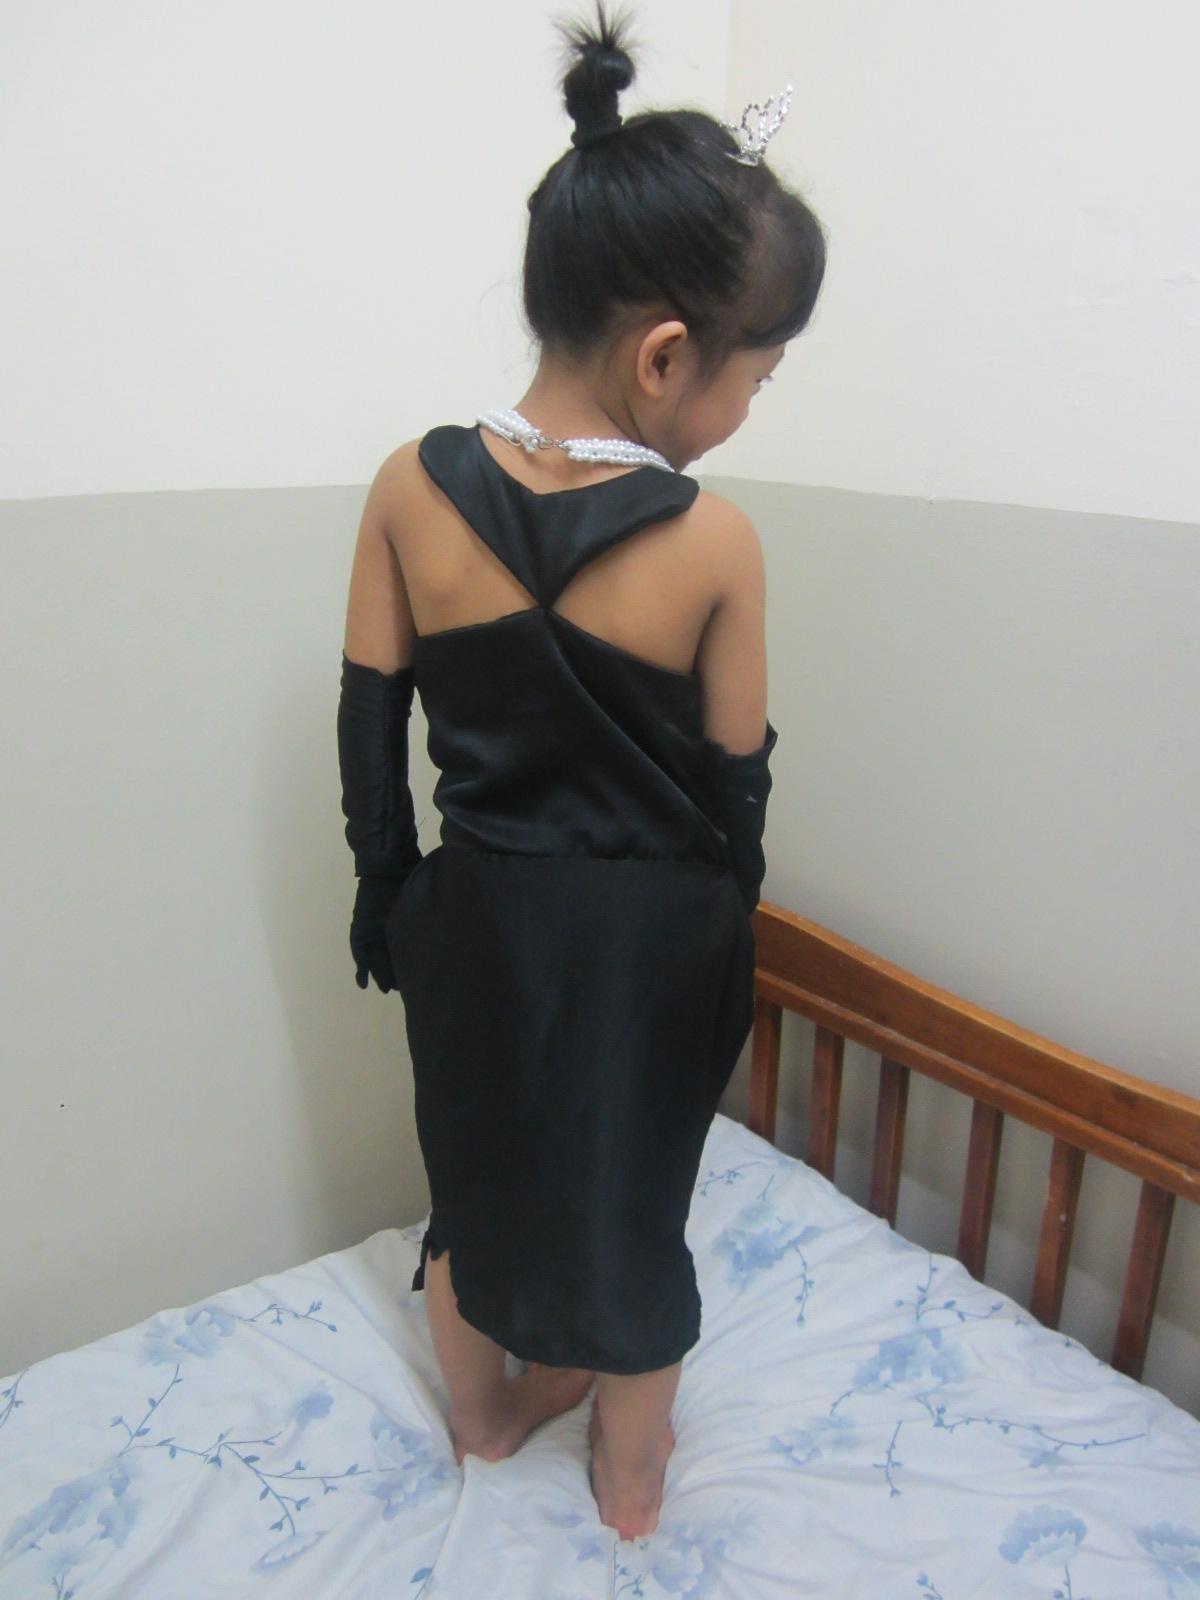 http://4.bp.blogspot.com/-oR3xJAFaFuA/T2x71AlGAWI/AAAAAAAAAHg/g_NWPKrPKDg/s1600/IMG_3751.JPG